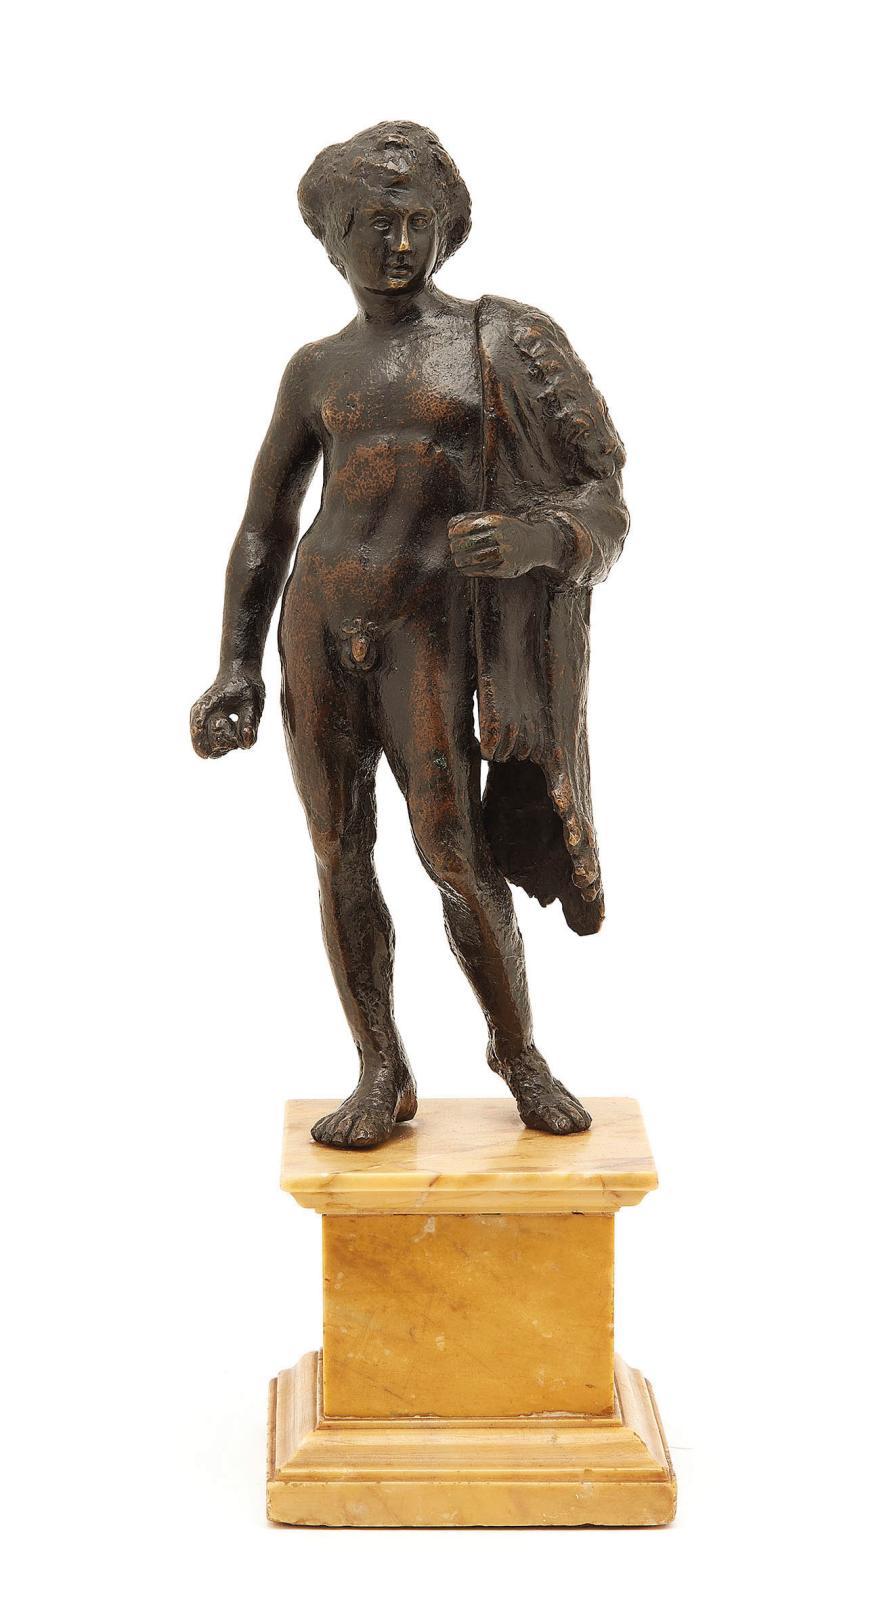 Florence, attribué à Bertoldo diGiovanni (vers 1435/40-1491), vers 1470/1480, Hercule, bronze à patine noire, h.23,5cm. Estimation: 6